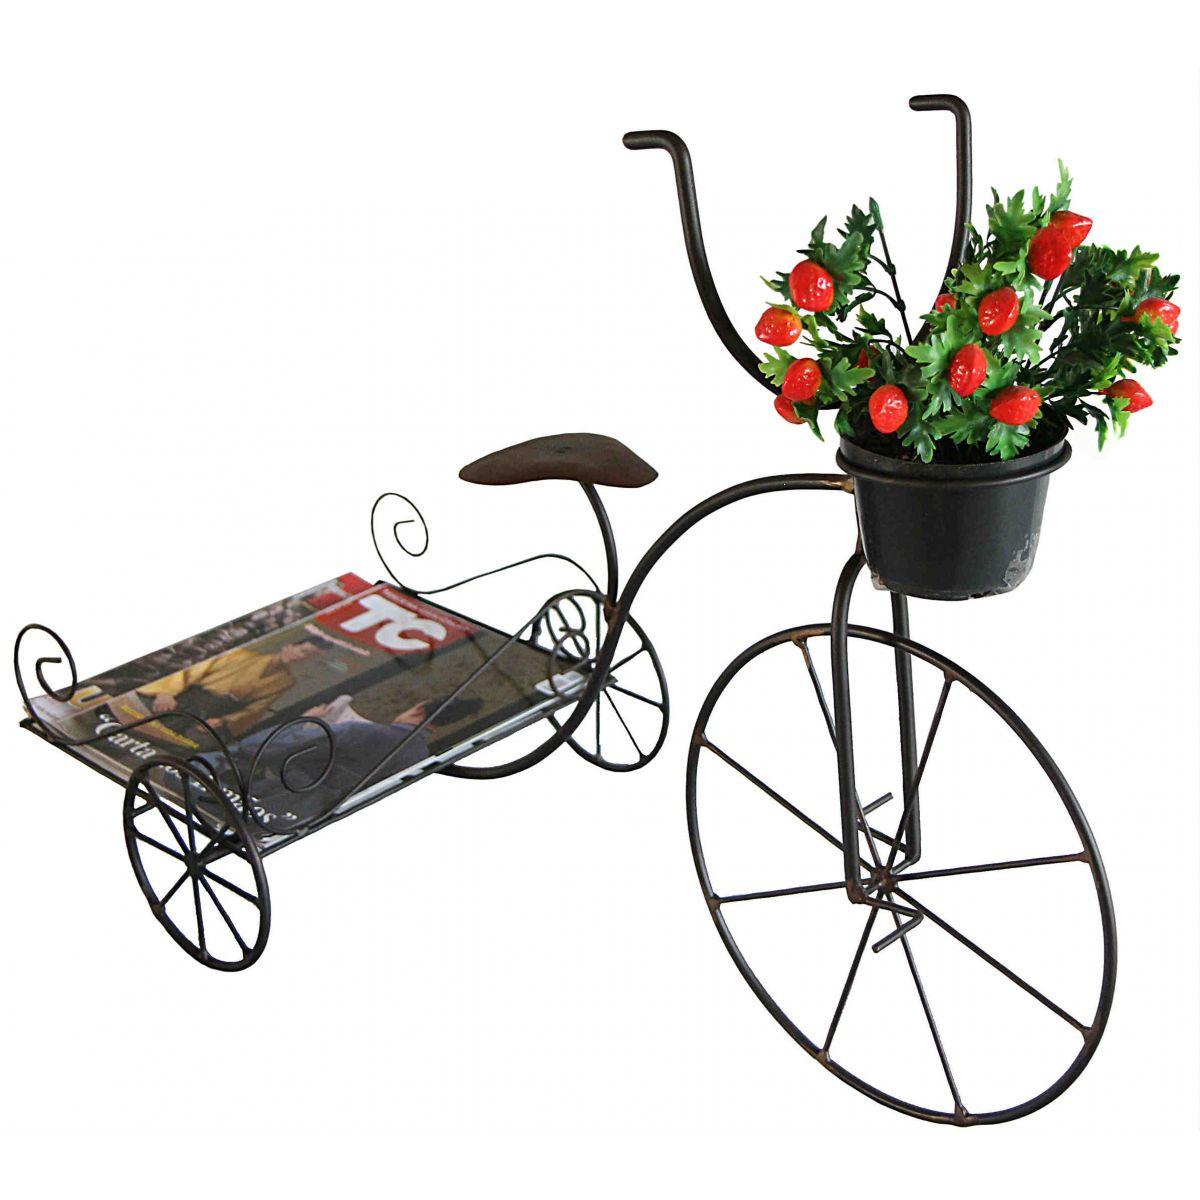 Suporte para Vaso de Flor e Revistas Artesanal Decorativo em Ferro